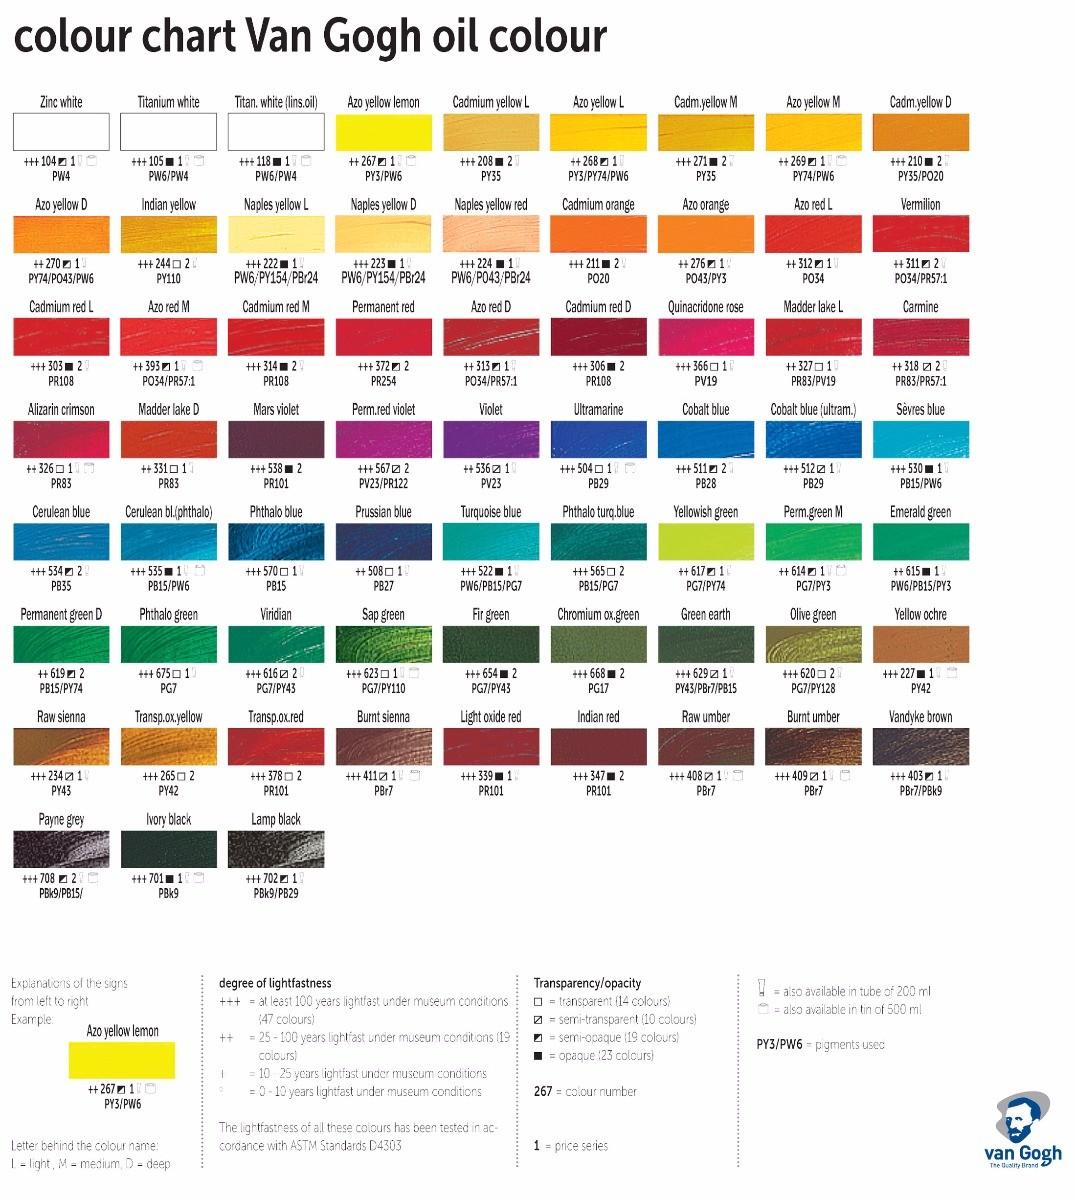 Van Gogh Oil Paint Colour Chart